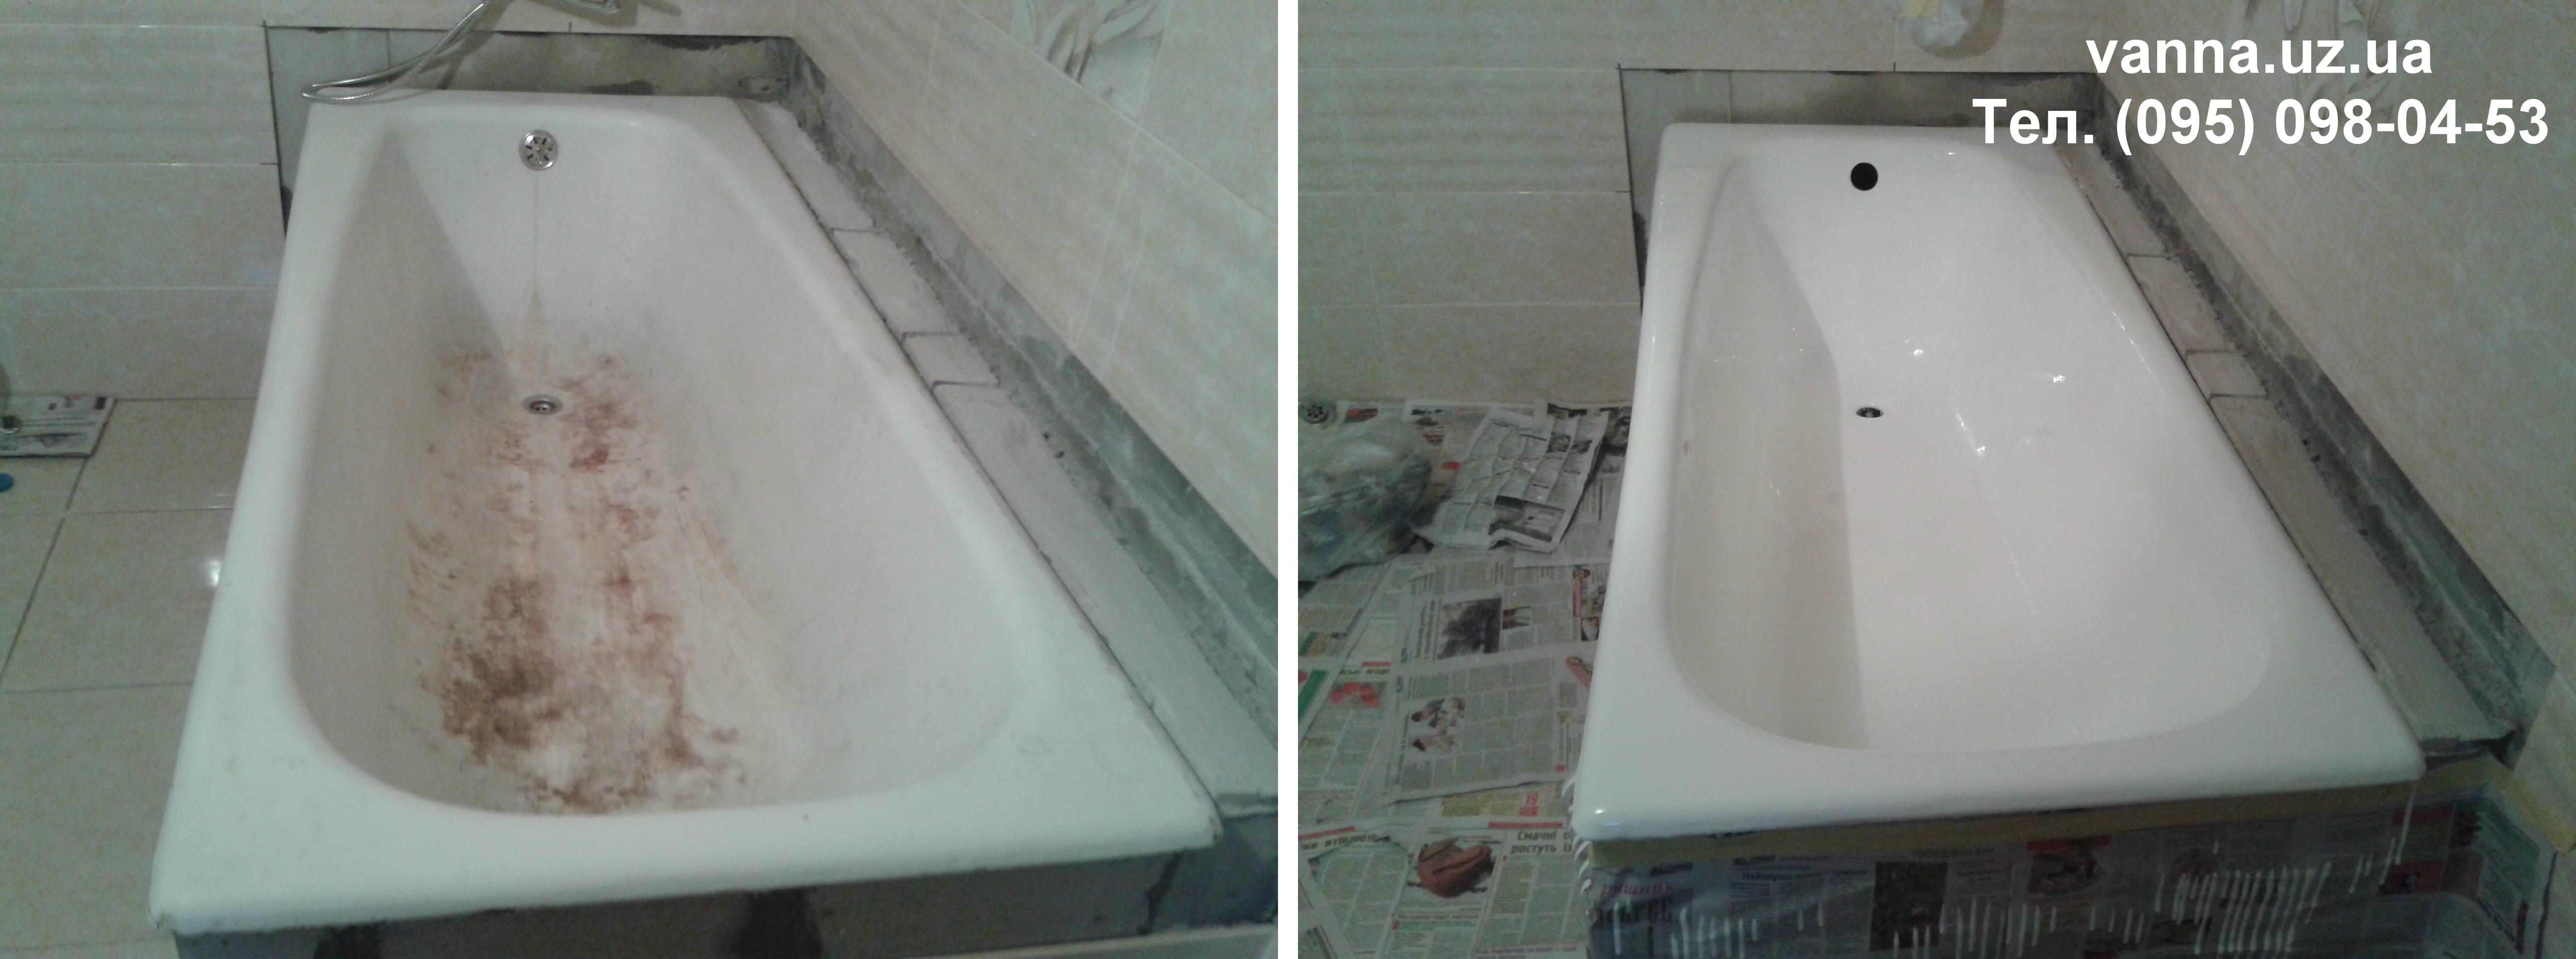 реставрація ванн рідким акрилом пластол